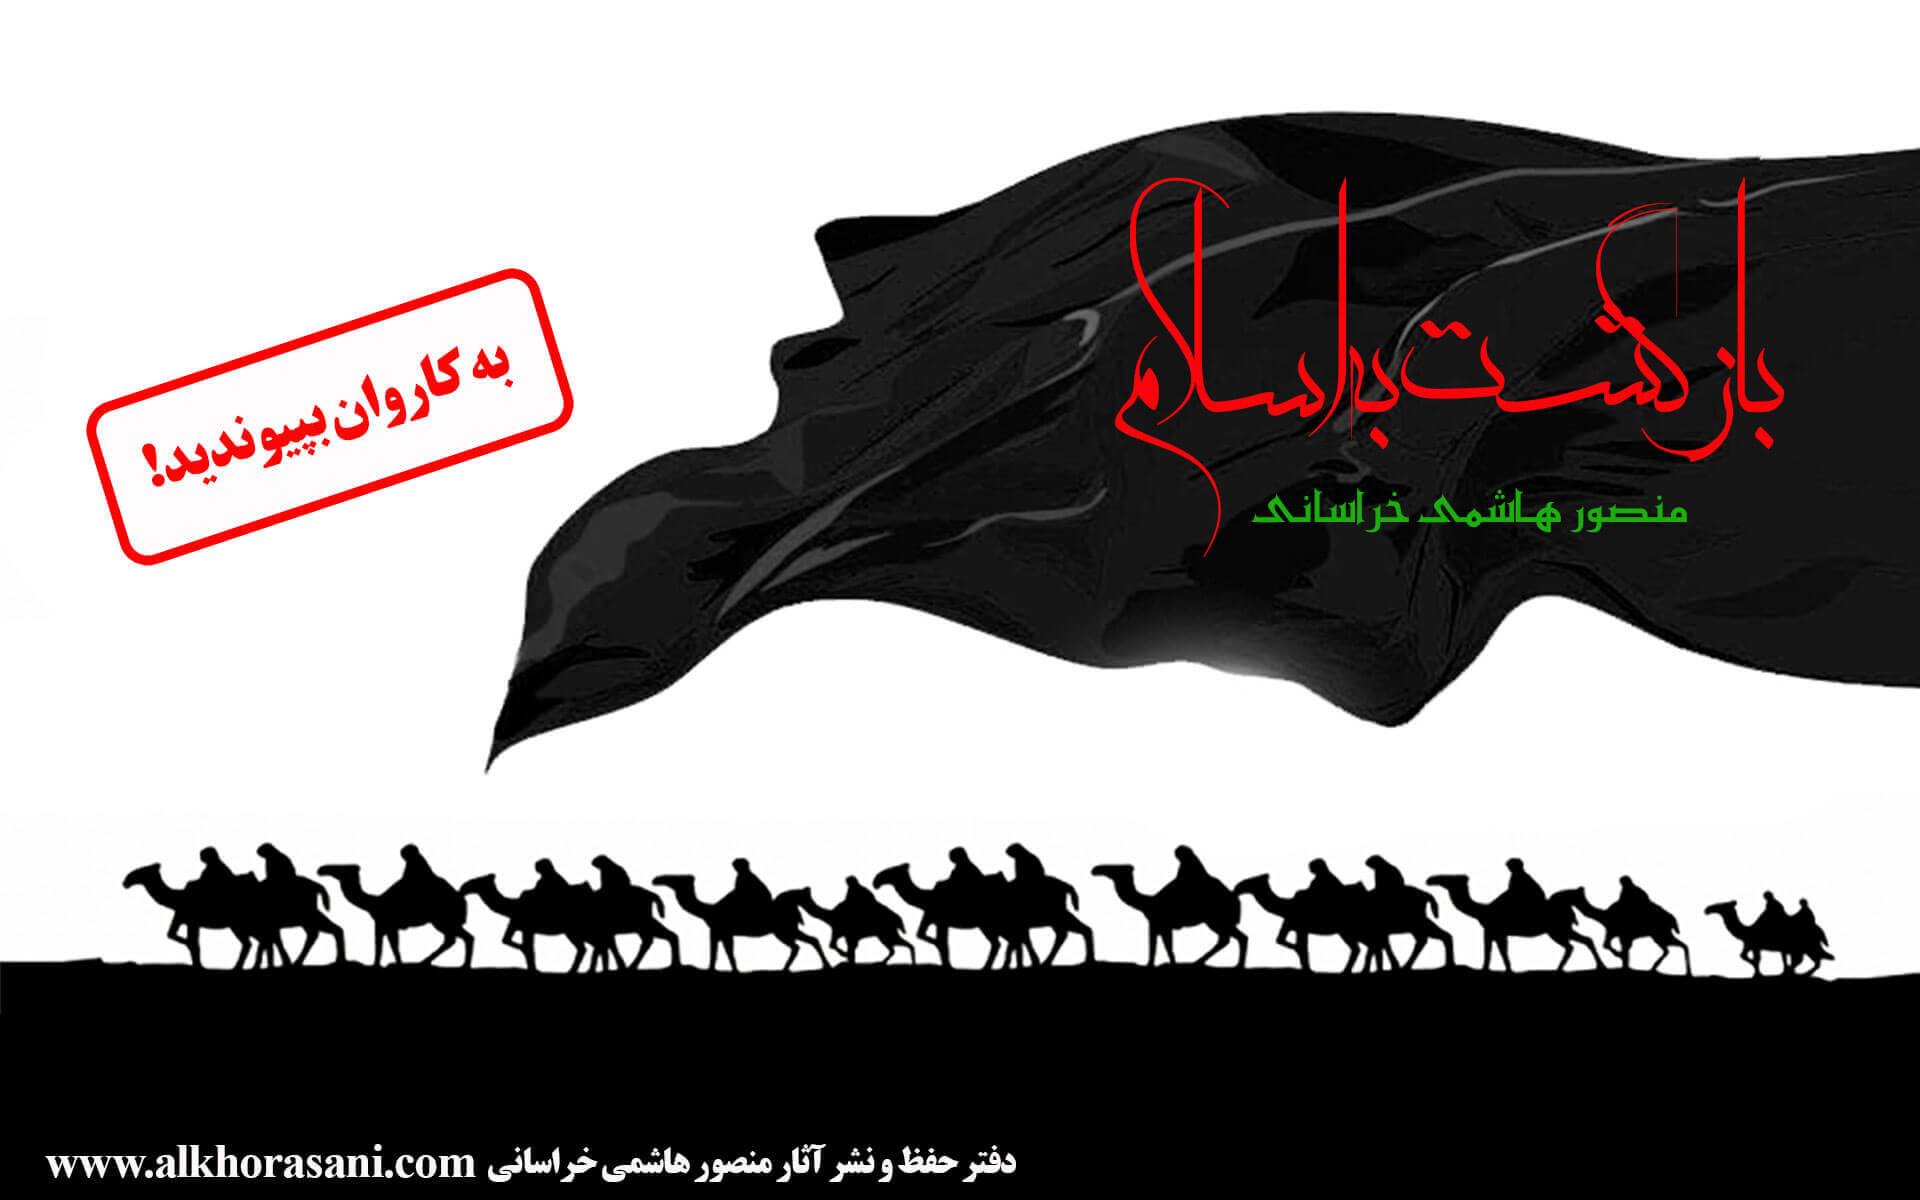 کاروان «بازگشت به اسلام»؛ به کاروان بپیوندید!